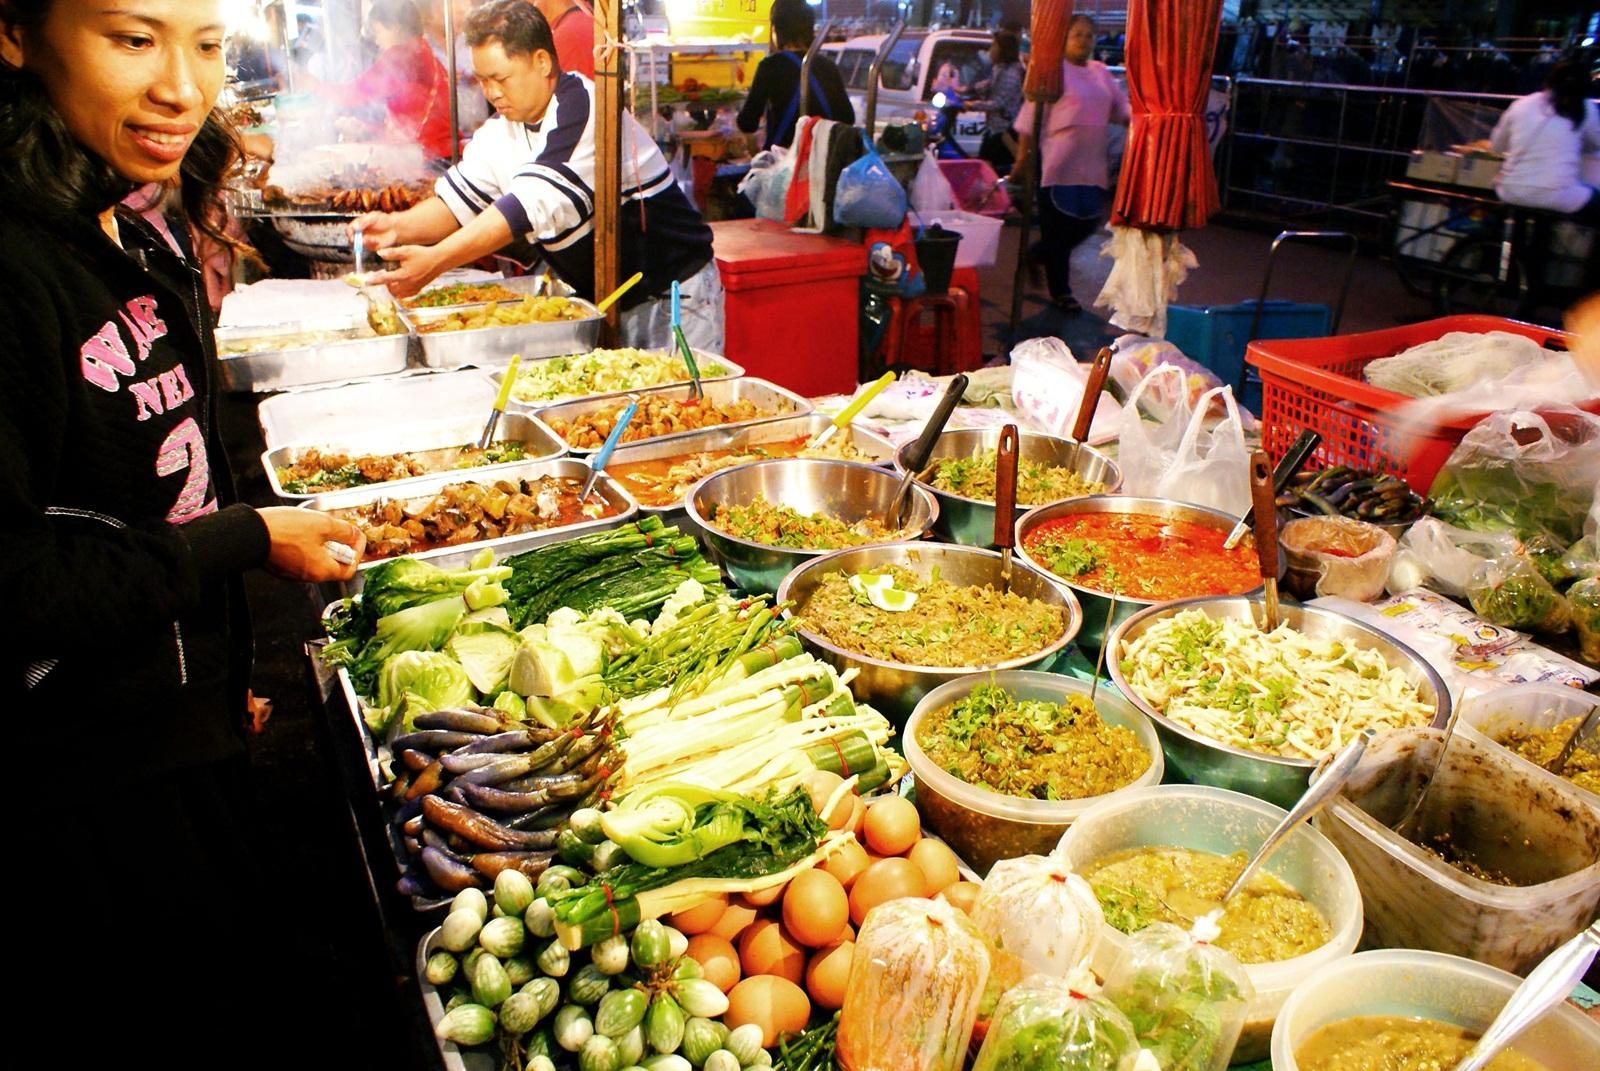 ร้อนแบบนี้ ดูให้ดีก่อนกิน thaihealth